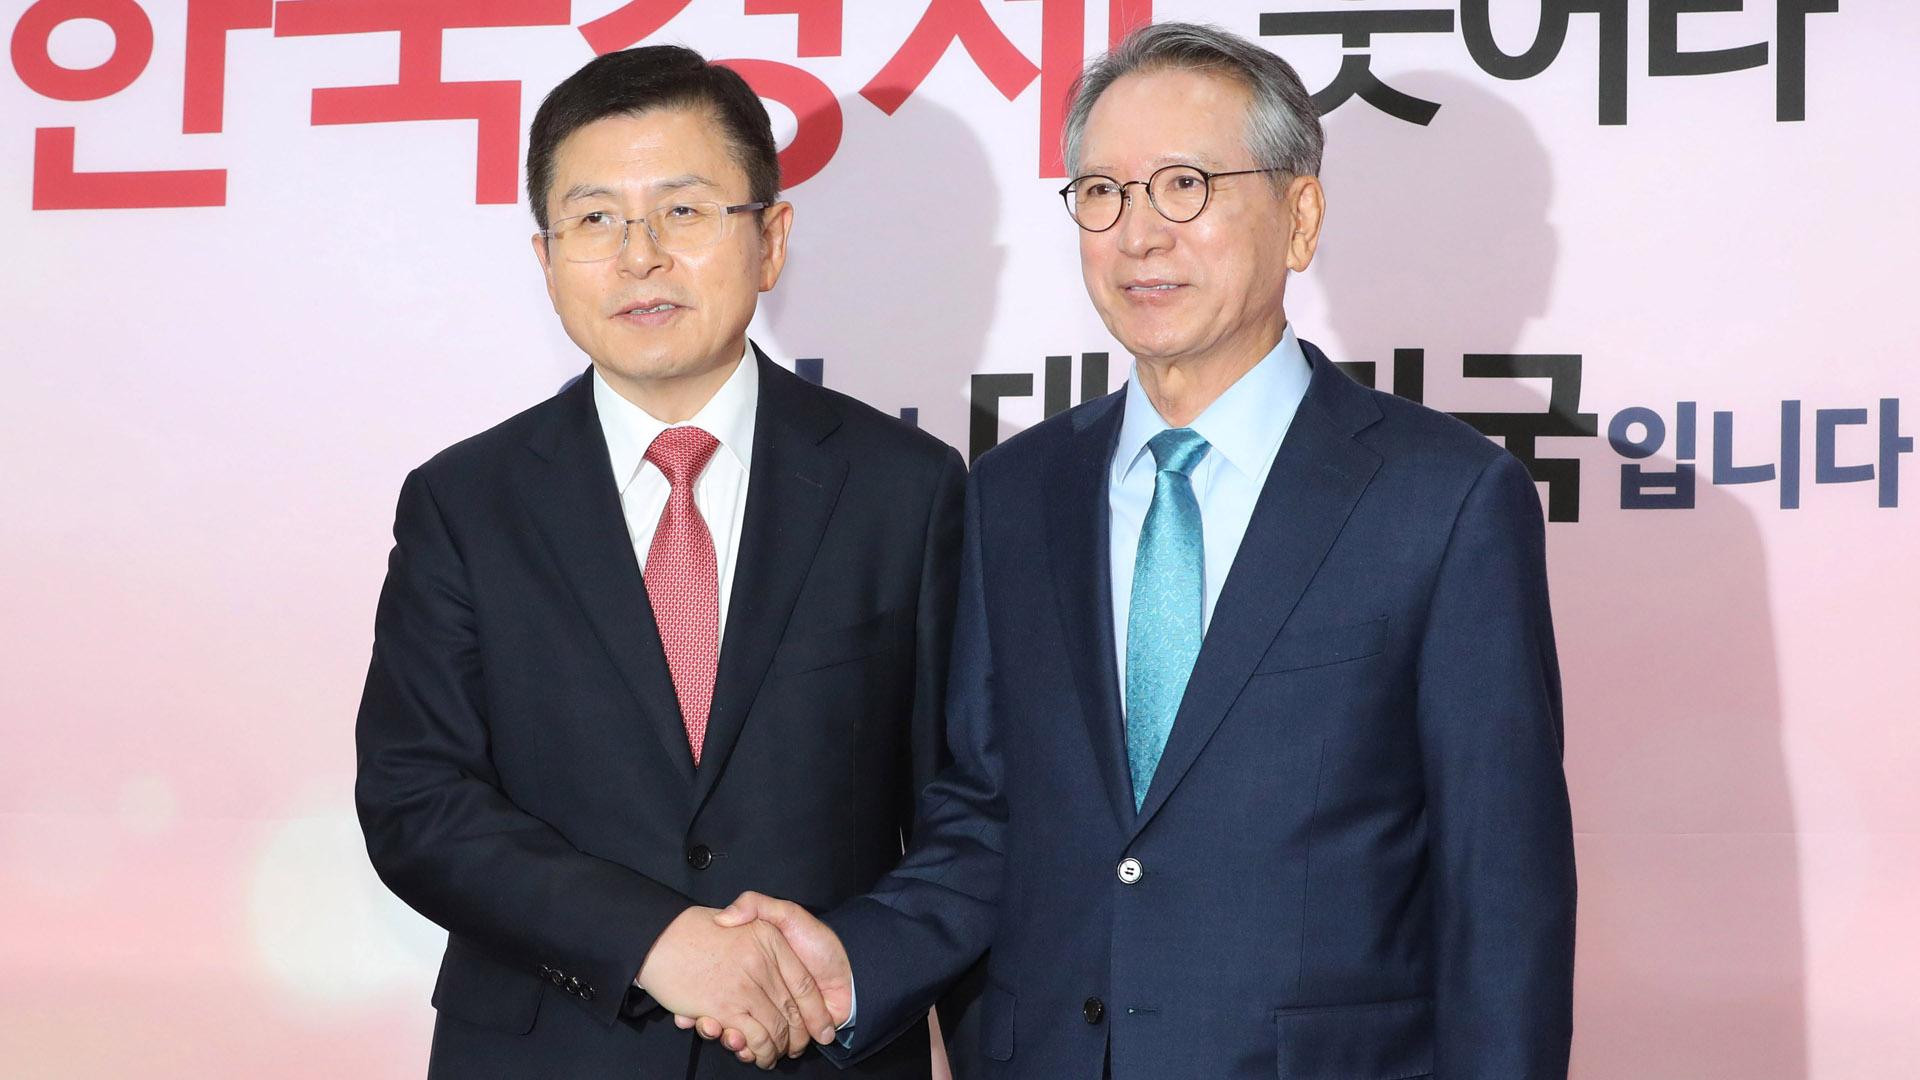 공천열쇠 쥔 김형오, 한국당 귀족정당 이미지 벗긴다